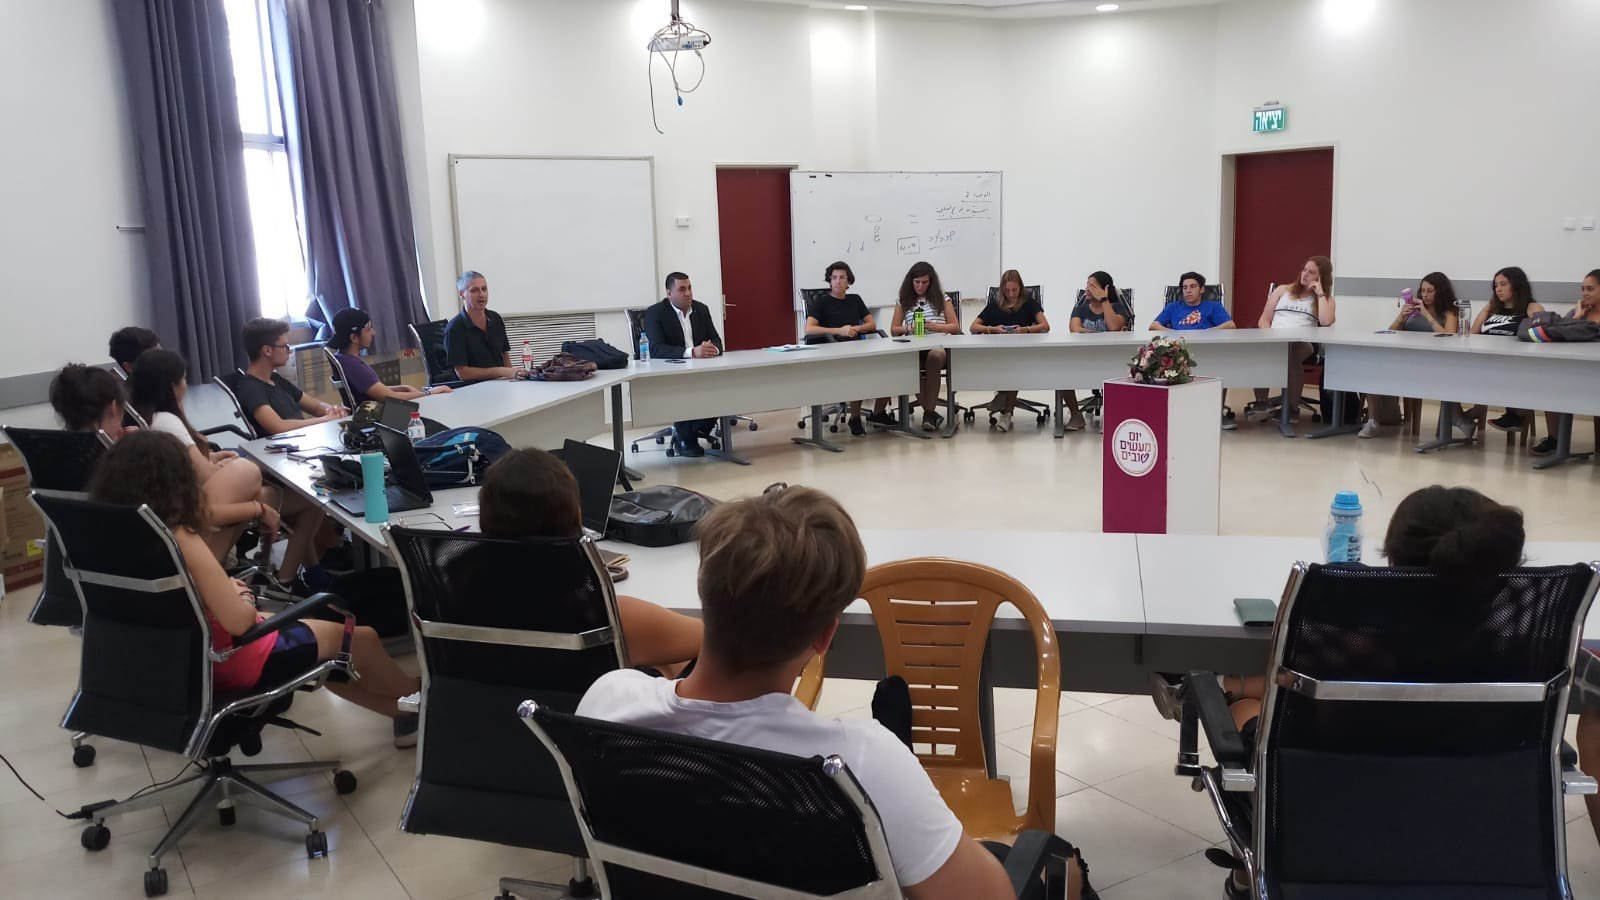 ام الفحم: نائب رئيس البلديّة المحامي علي بركات يستقبل وفدا من جامعيي الأرجنتين